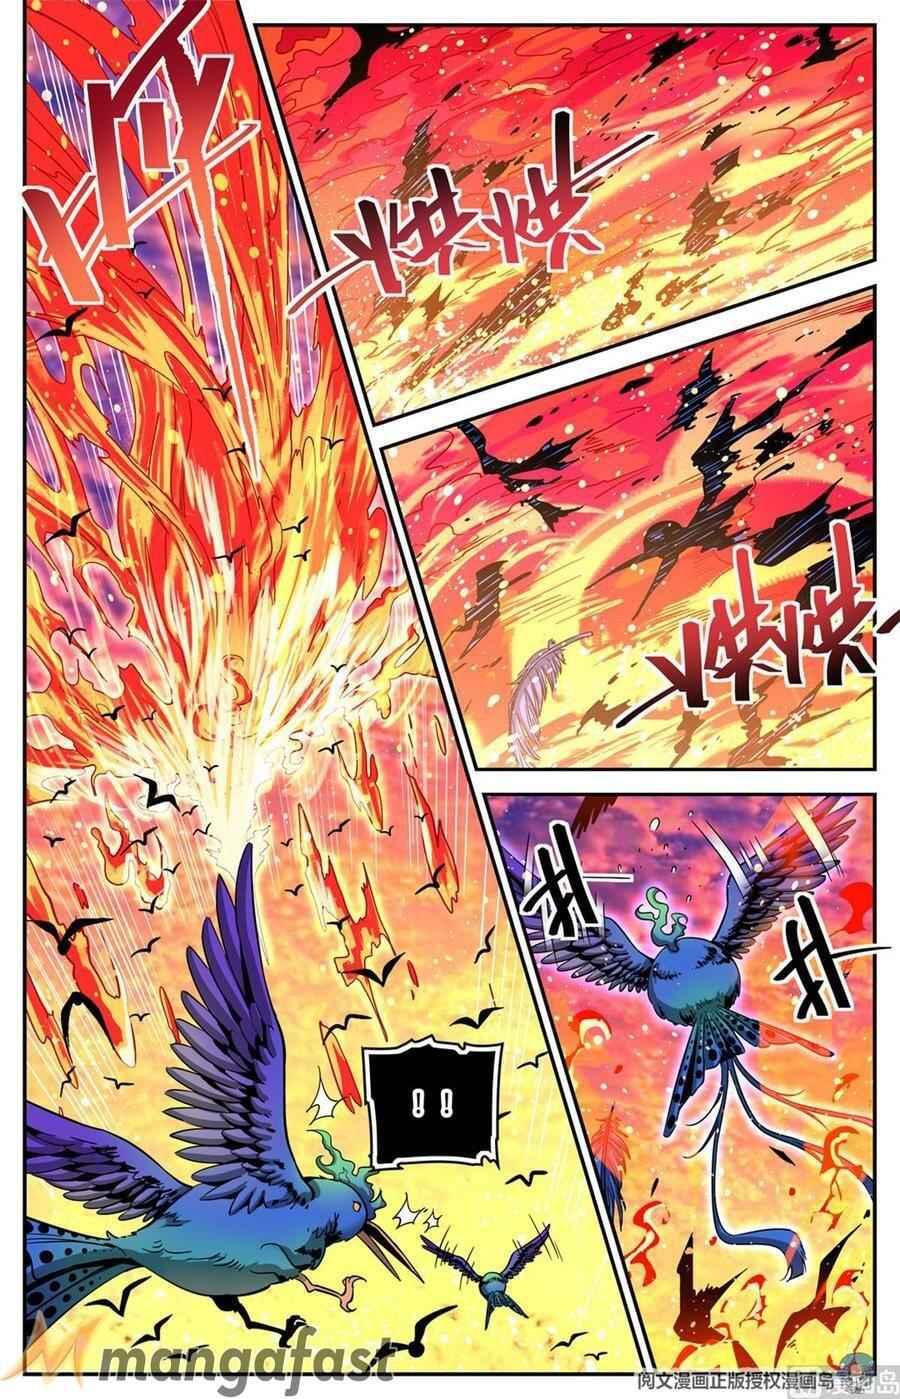 Versatile Mage - chapter 605-eng-li